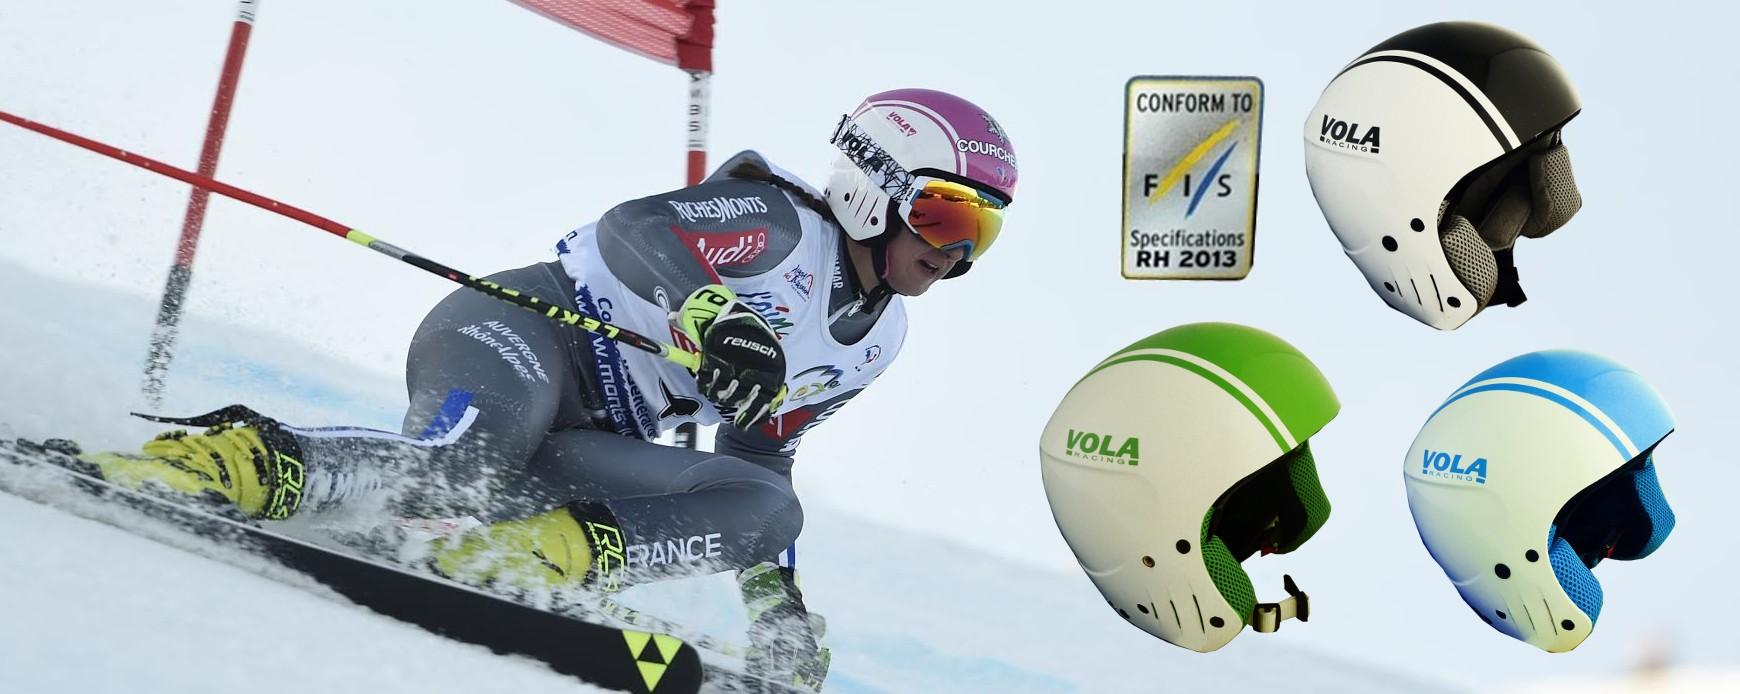 Cascos para esquí de competición con homologación FIS